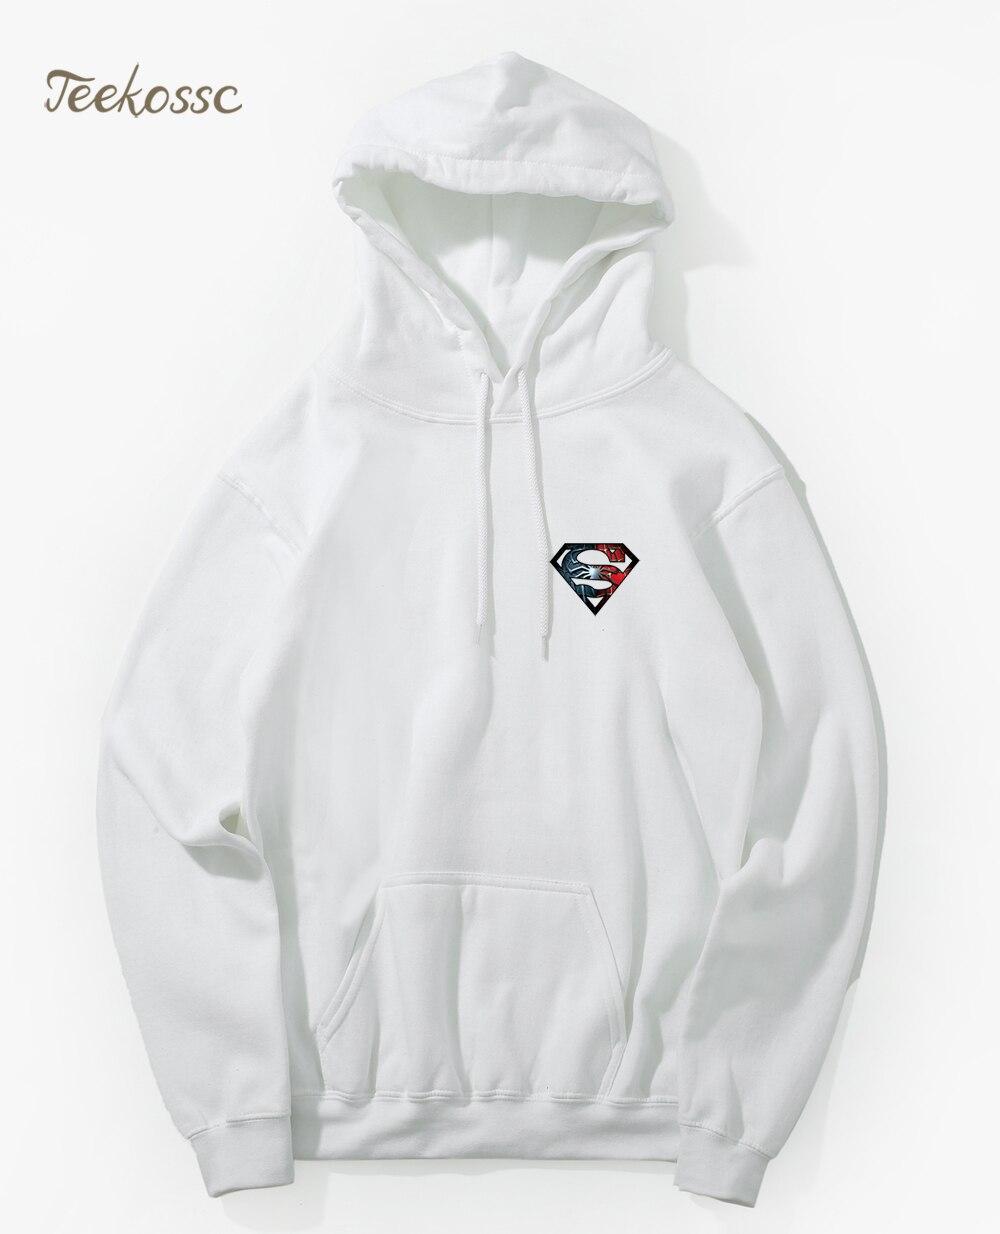 2018 New Brand Hoodie Men Superhero Hoodies Mens Workout Hooded Sweatshirt  2018 Winter Autumn Male Comfy Cool Hip Hop Streetwear-in Hoodies    Sweatshirts ... 7d5ef6d66